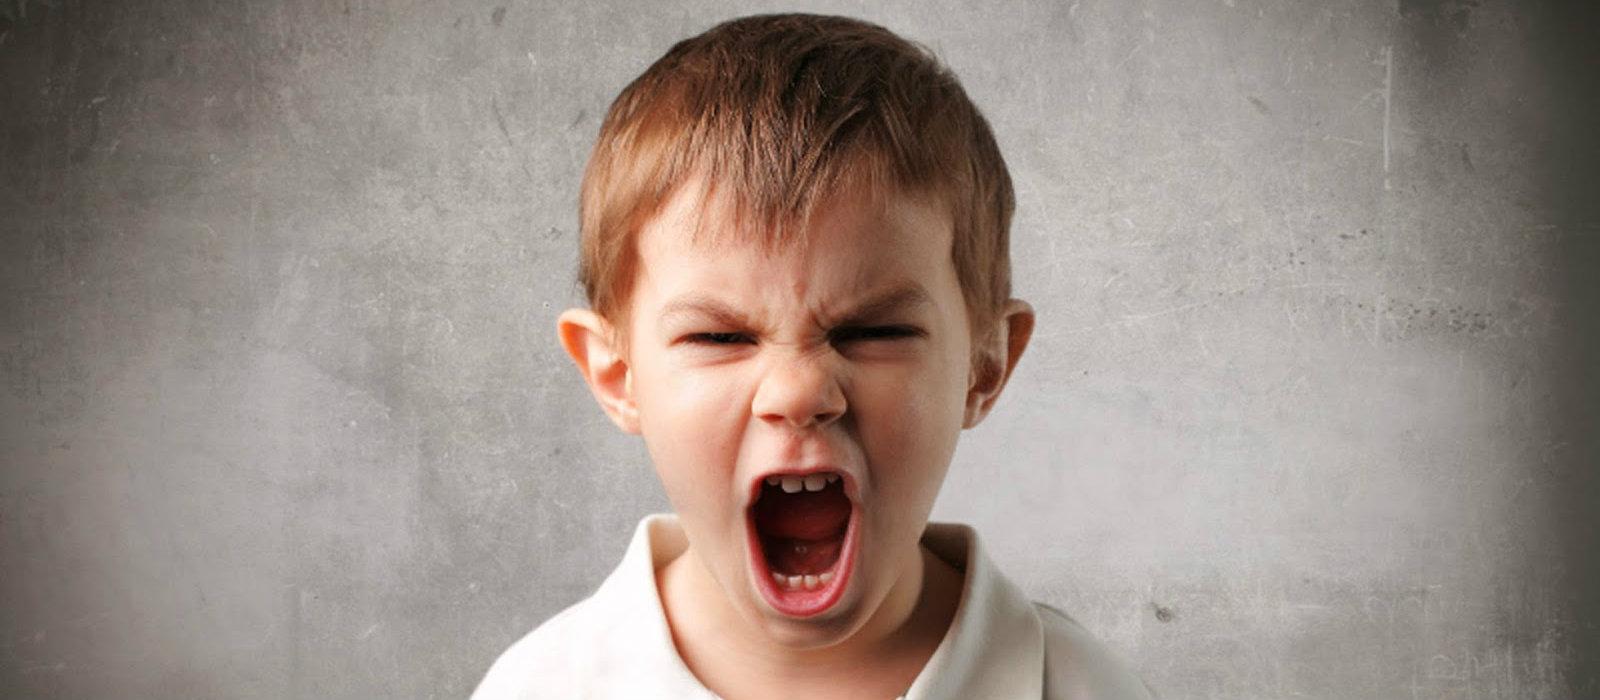 come gestire bambini aggressivi